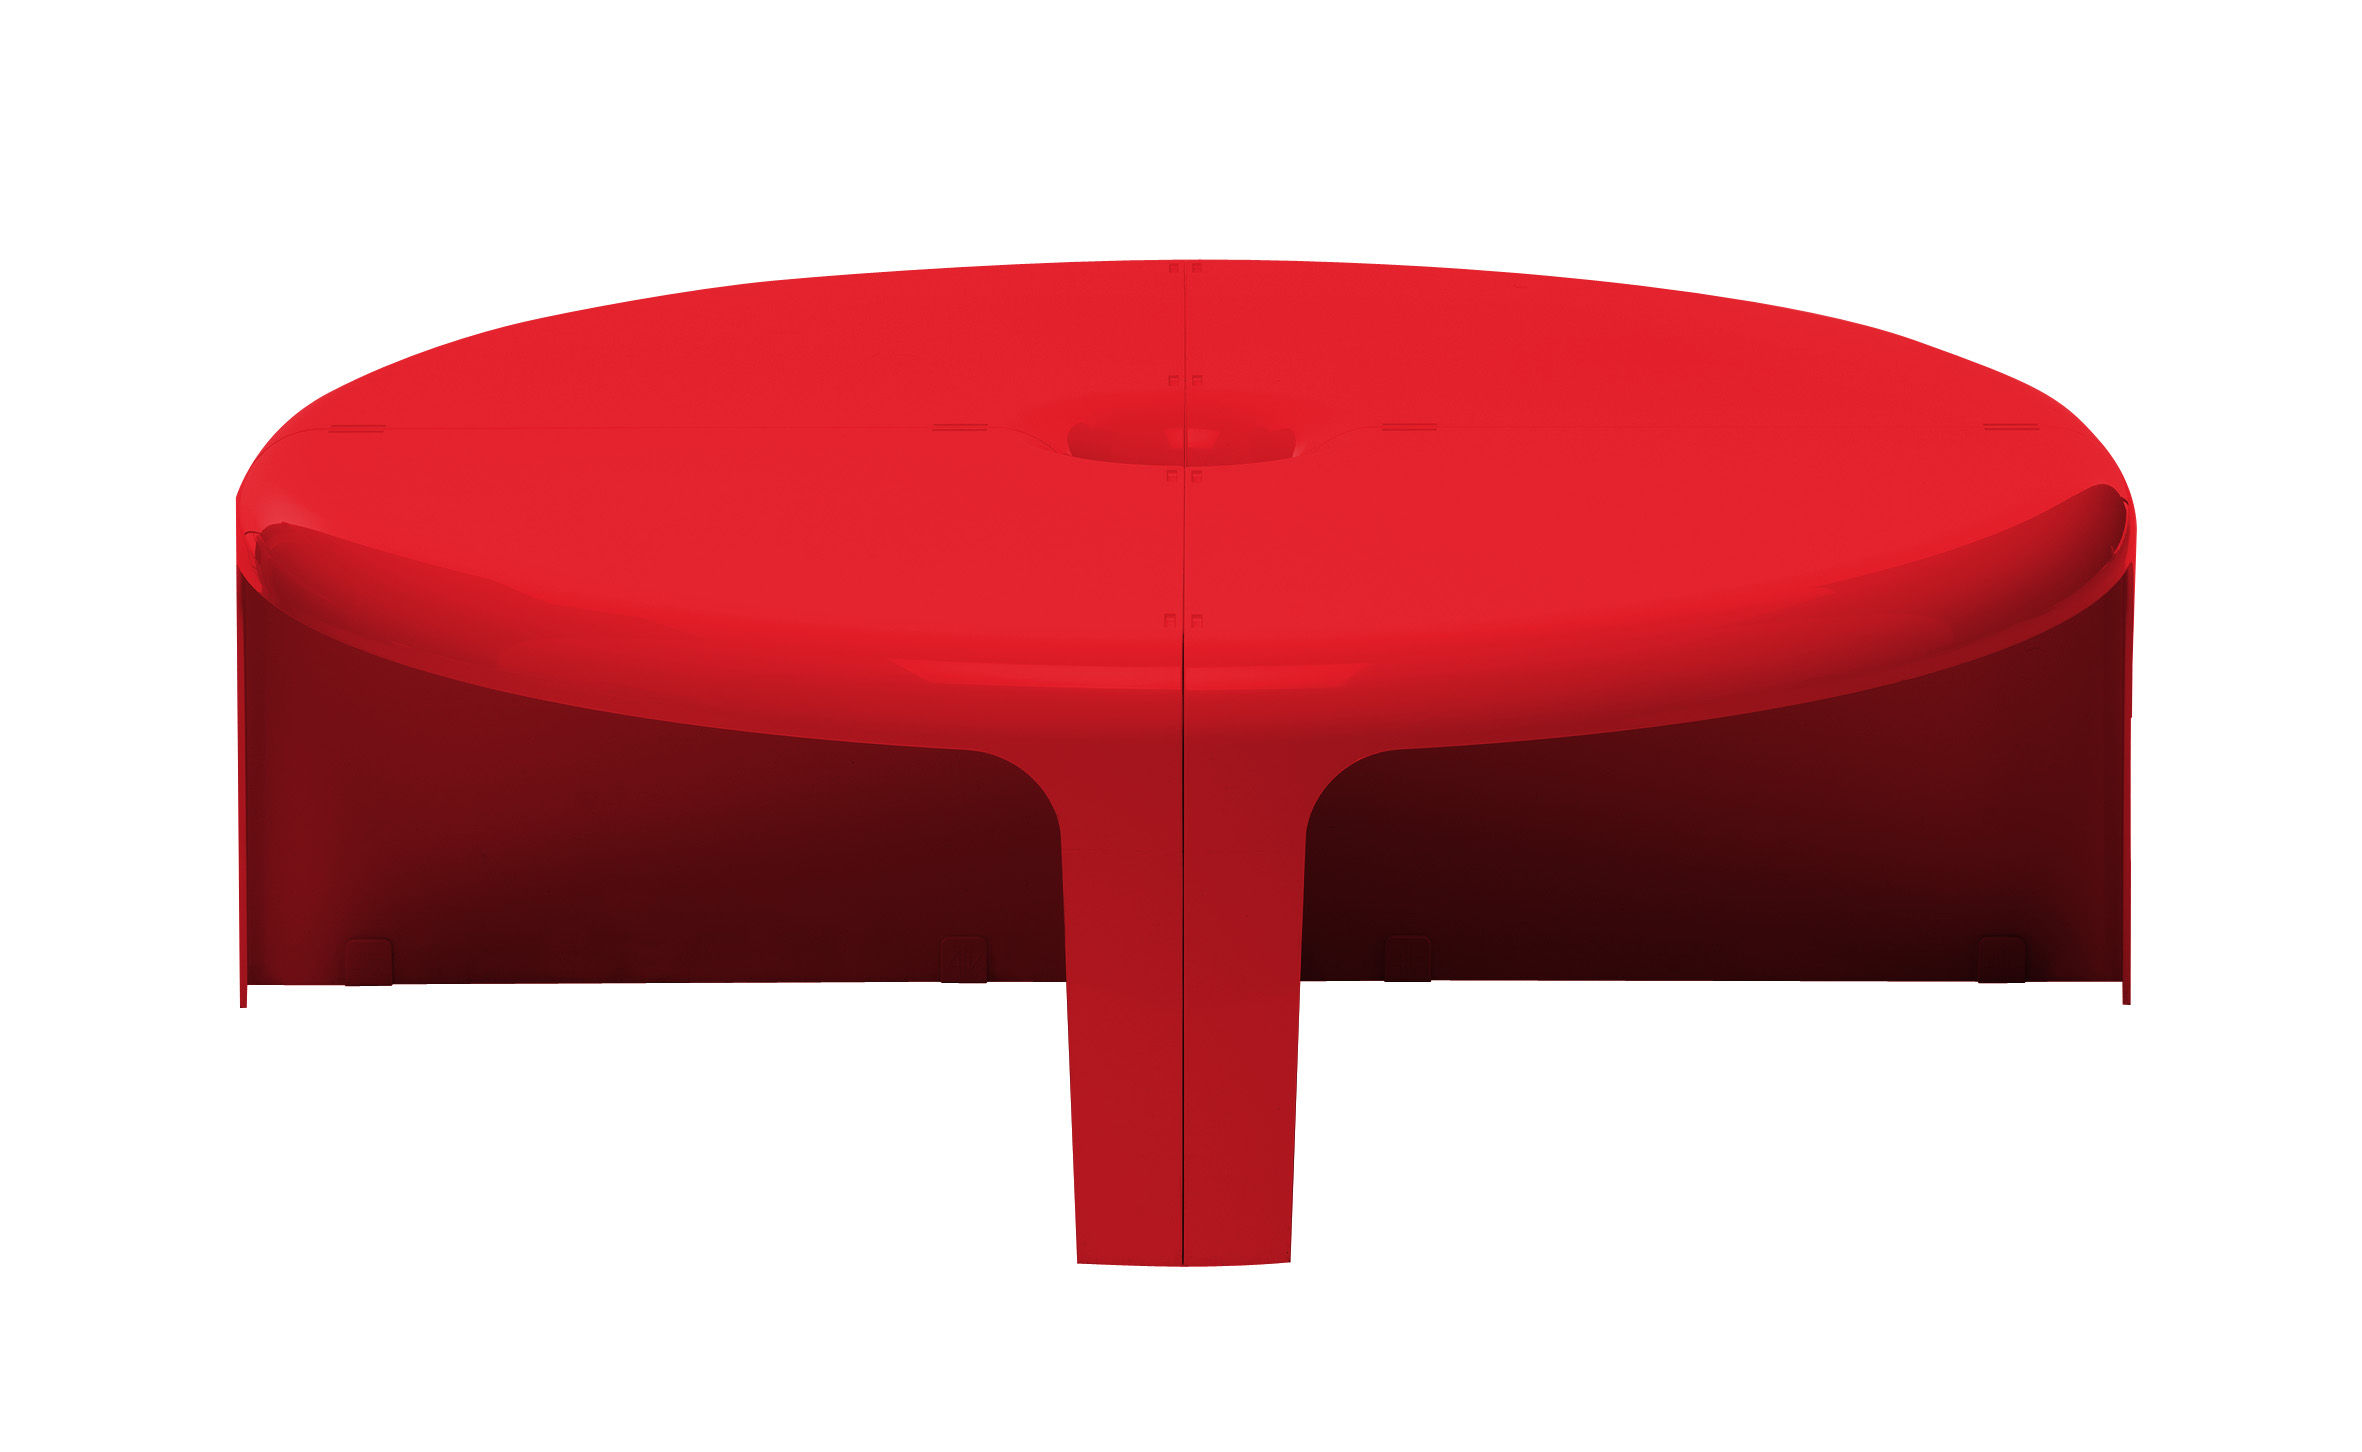 Arredamento - Tavolini  - Tavolino 4-4 - / Scaffale - Set 4 elementi modulabili di B-LINE - Rosso - ABS